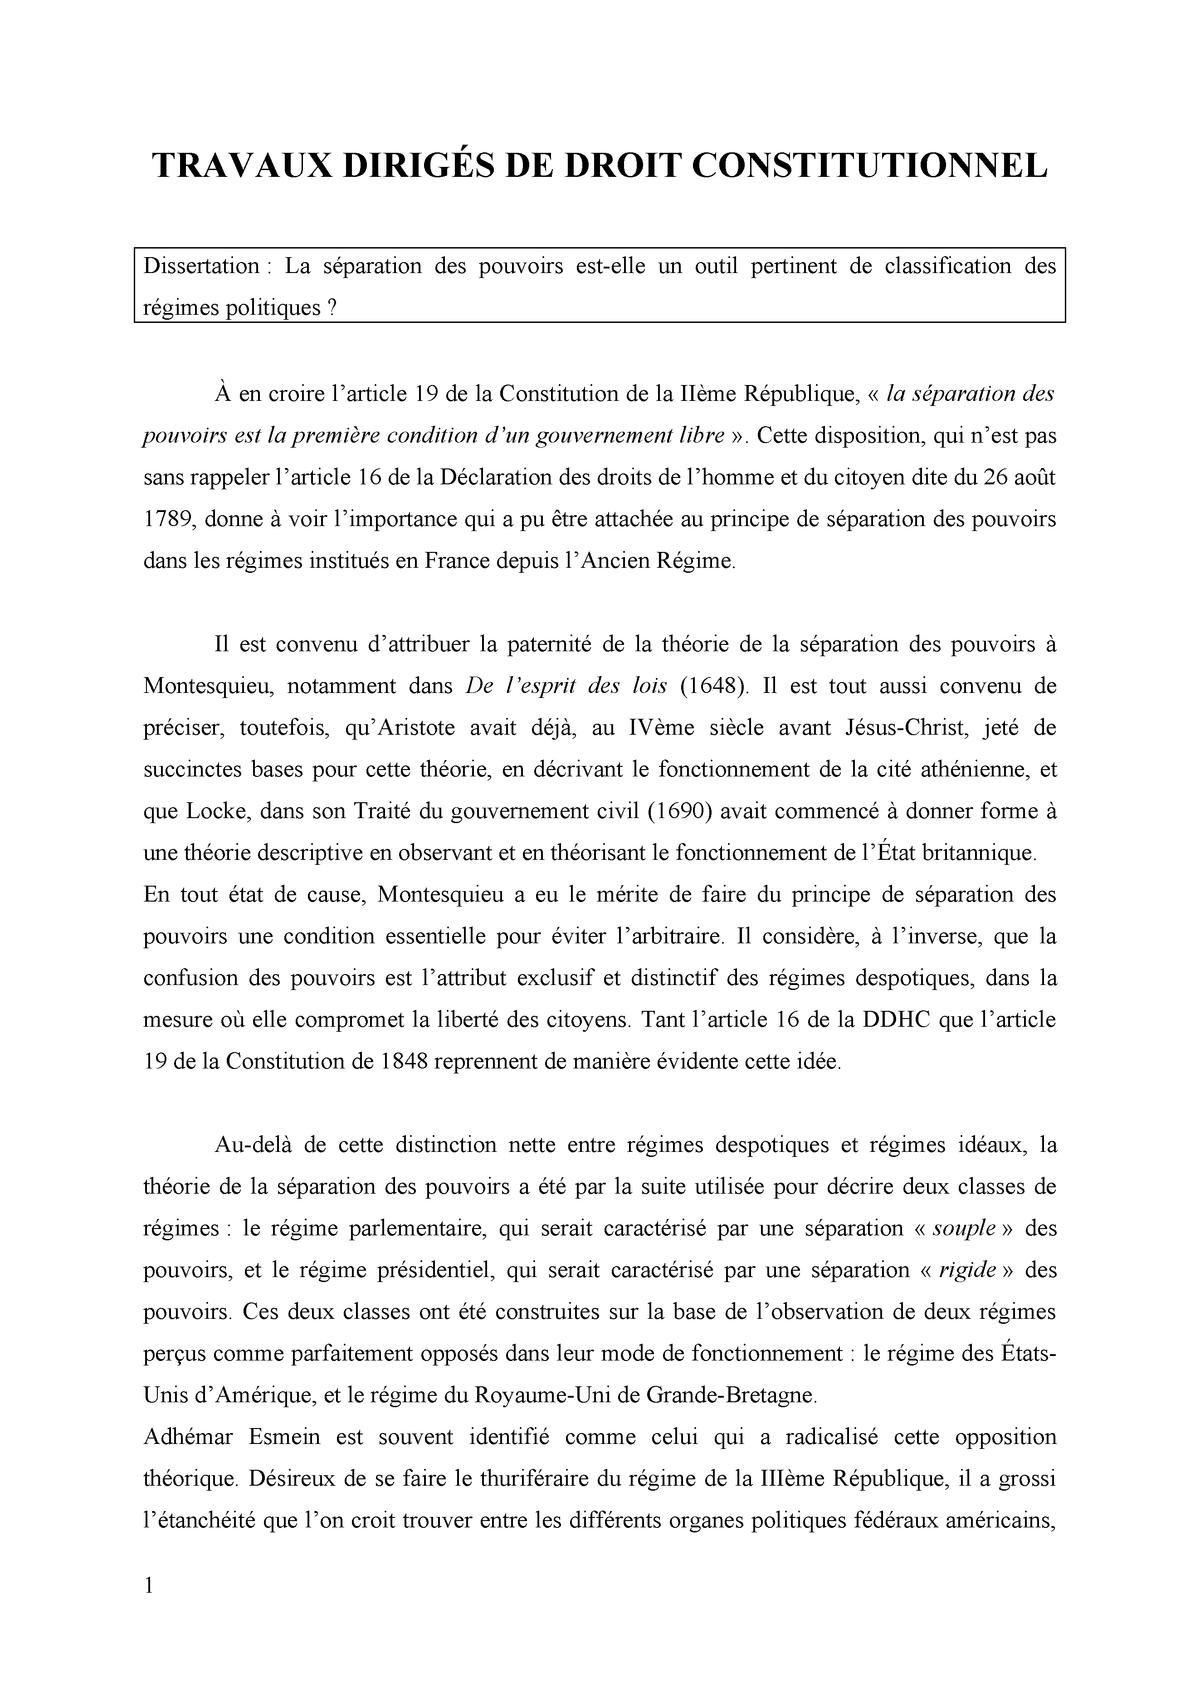 Dissertation La Separation De Pouvoir Est Elle Un Outil Pertinent Classification Regime Studo Cour Droit Constitutionnel